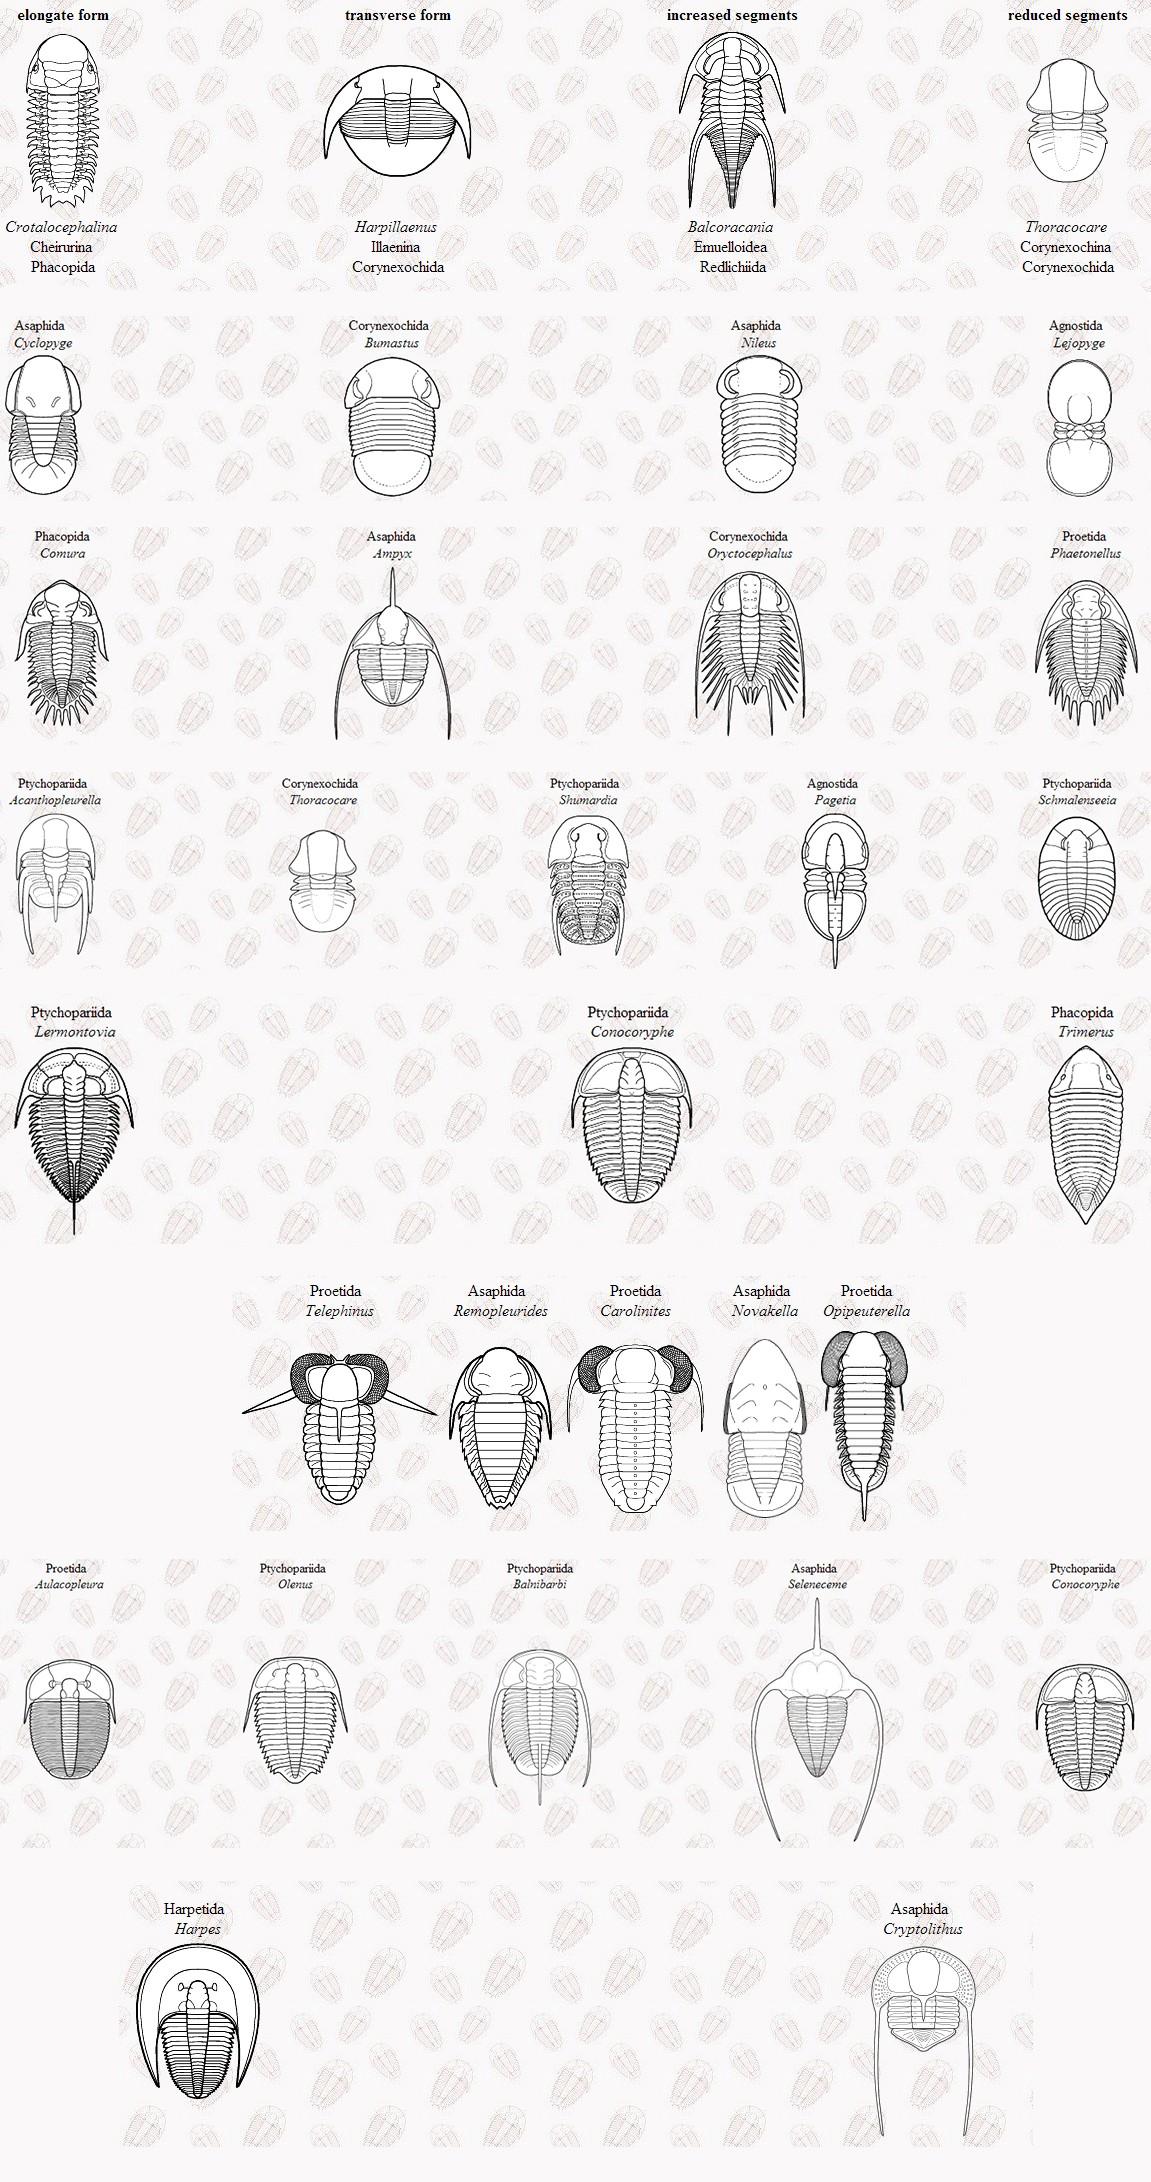 Birbirinden farklı trilobit vücut planlarına örnekler...